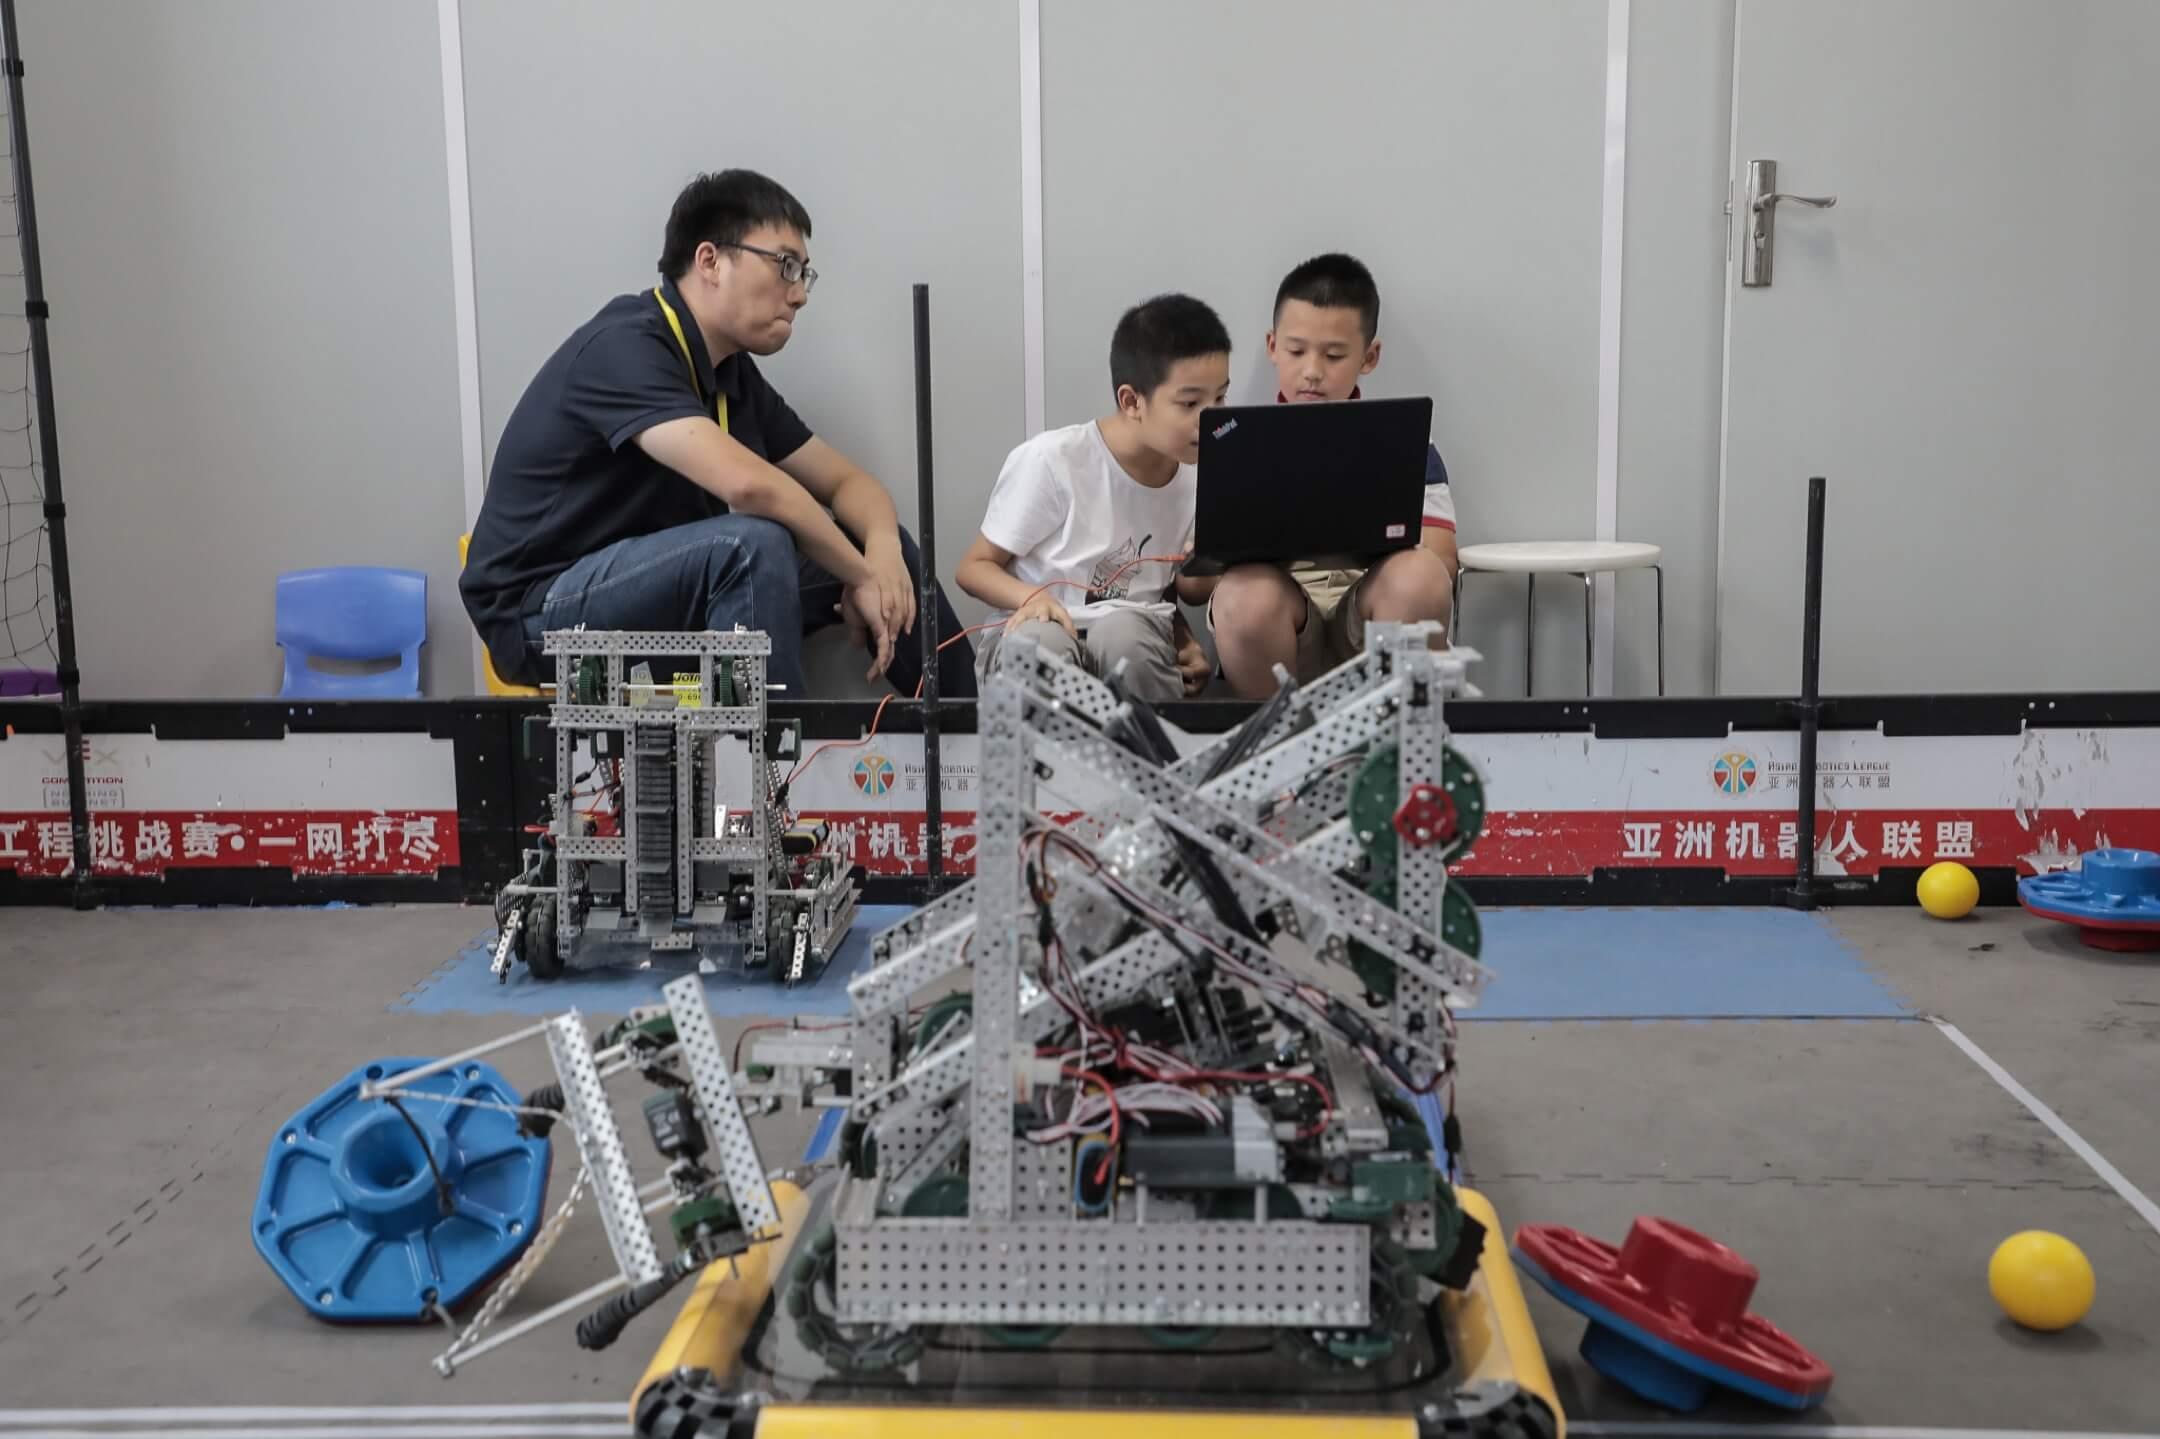 「如果把奧數看作是過去時的話,那信息學就是現在進行時。」劉達興說。他覺得奧數是中國教育的昨天,而以編程和機器人等內容為主體構架的信息學,代表着中國教育的明天。 攝:Imagine China